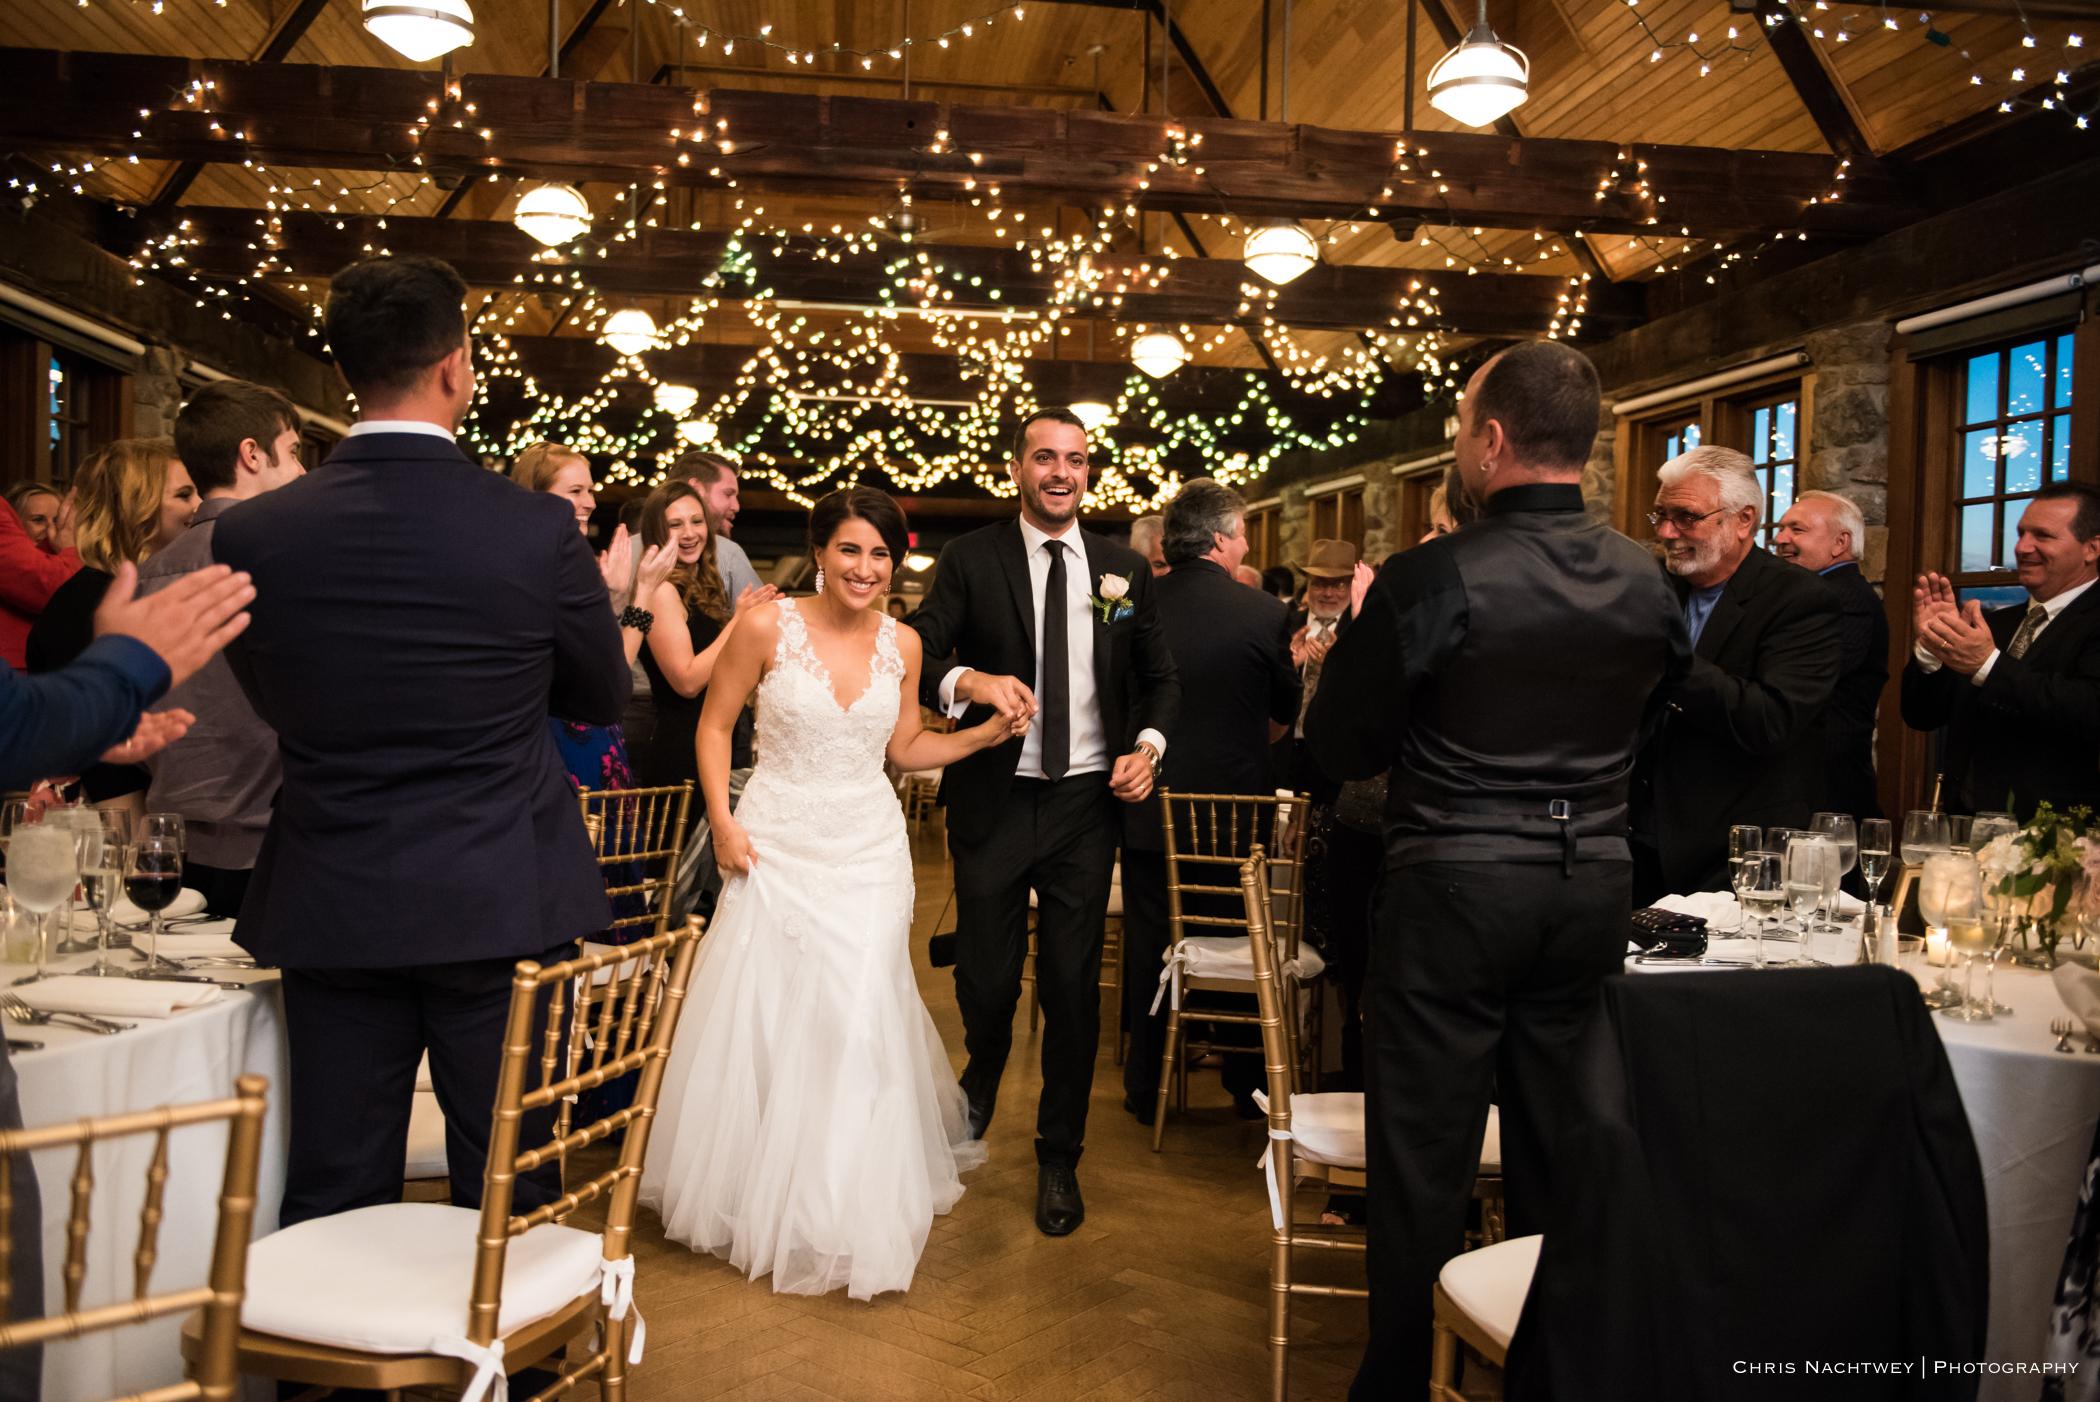 lauren-shaun-the-towers-ri-wedding-chris-nachtwey-photography-2017-33.jpg